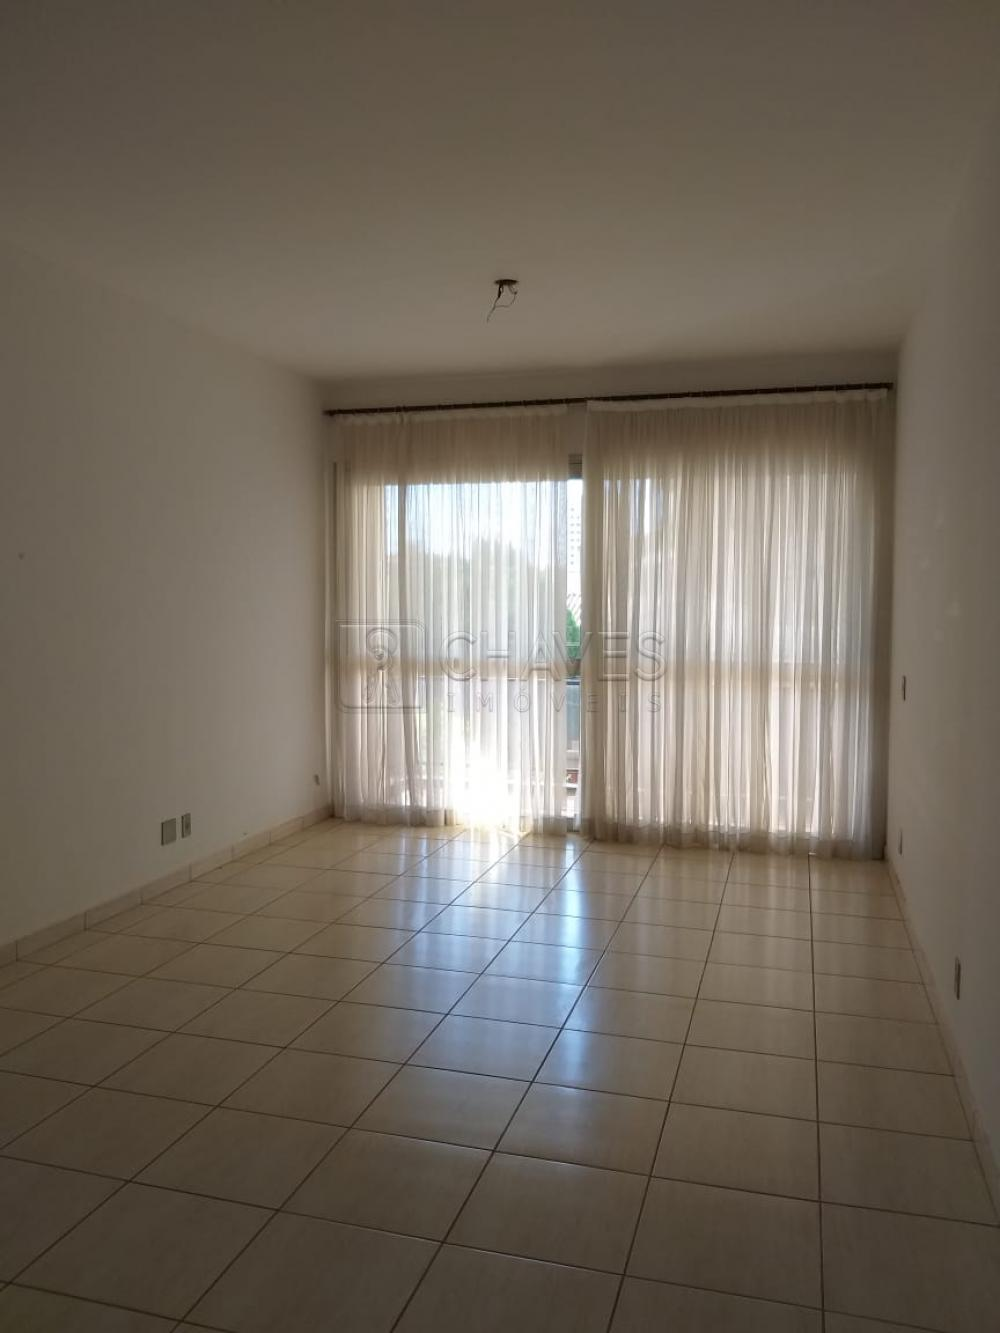 Alugar Apartamento / Padrão em Ribeirão Preto apenas R$ 1.500,00 - Foto 2